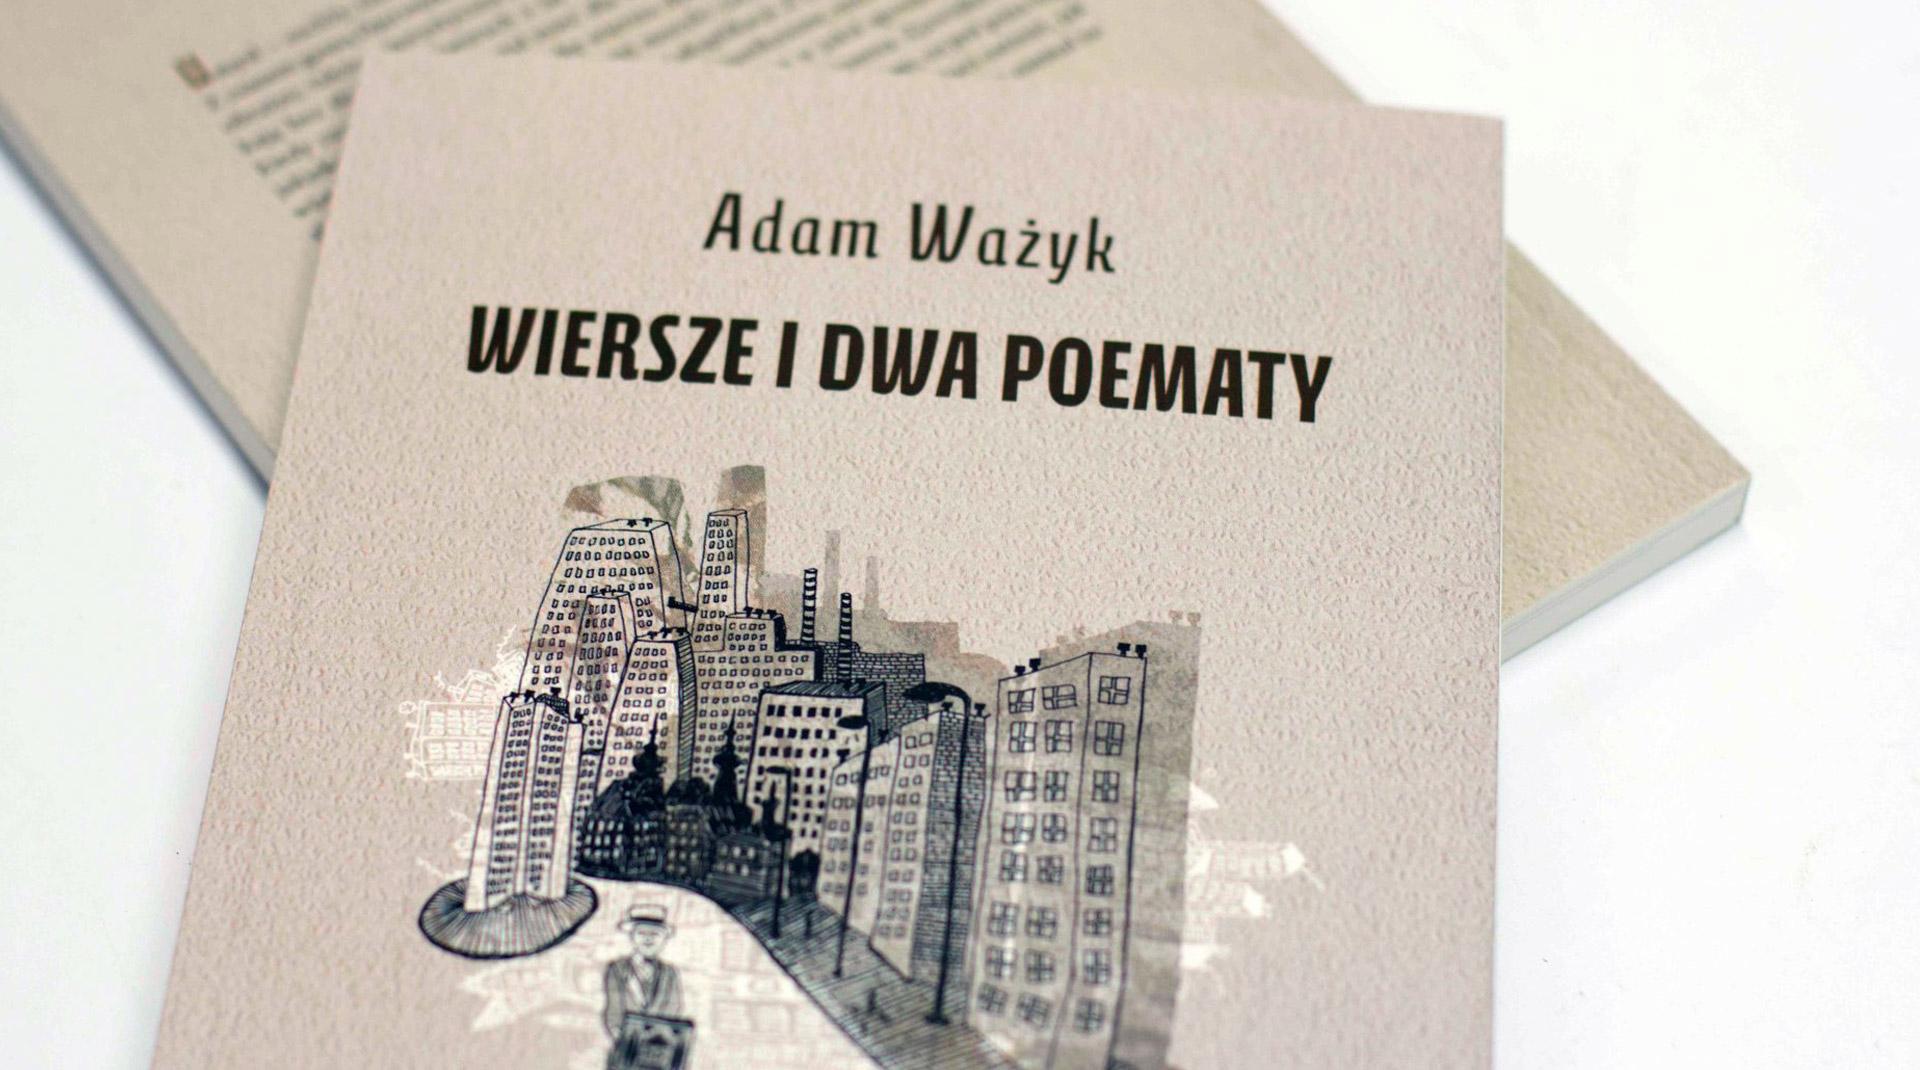 Wiersze I Dwa Poematy Biuro Literackie